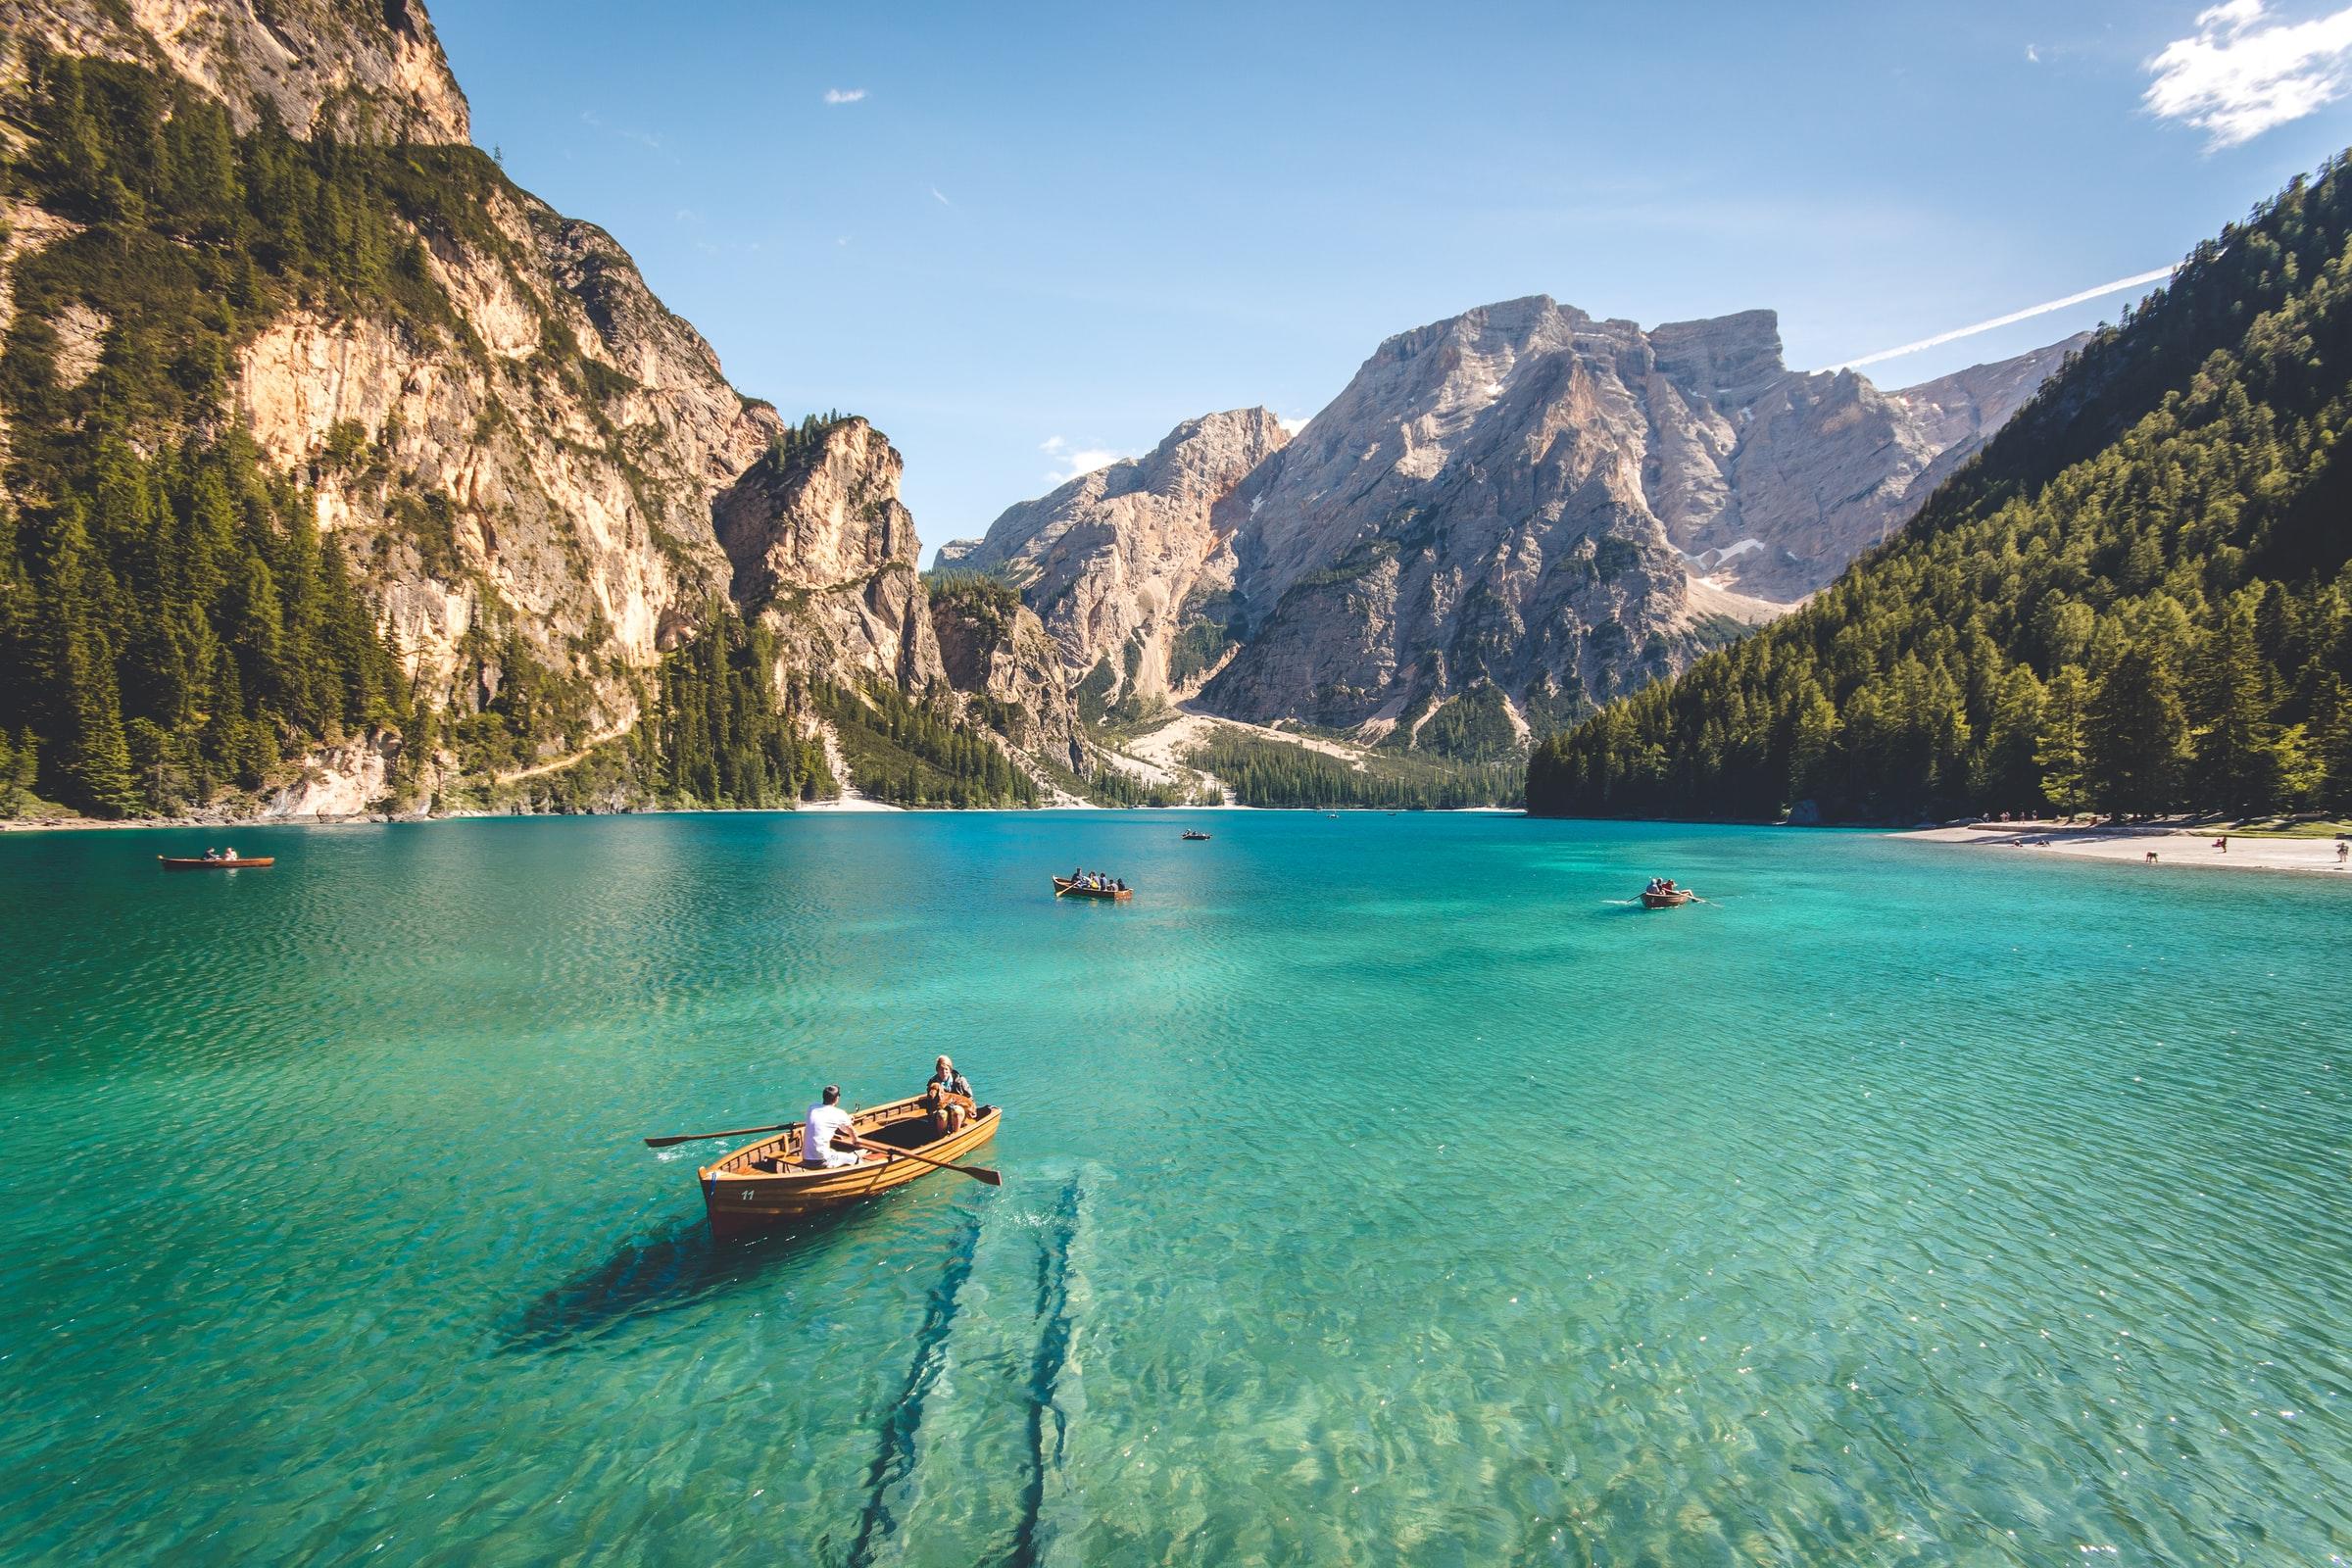 Ga zorgeloos op reis met extra corona dekking op je reisverzekering